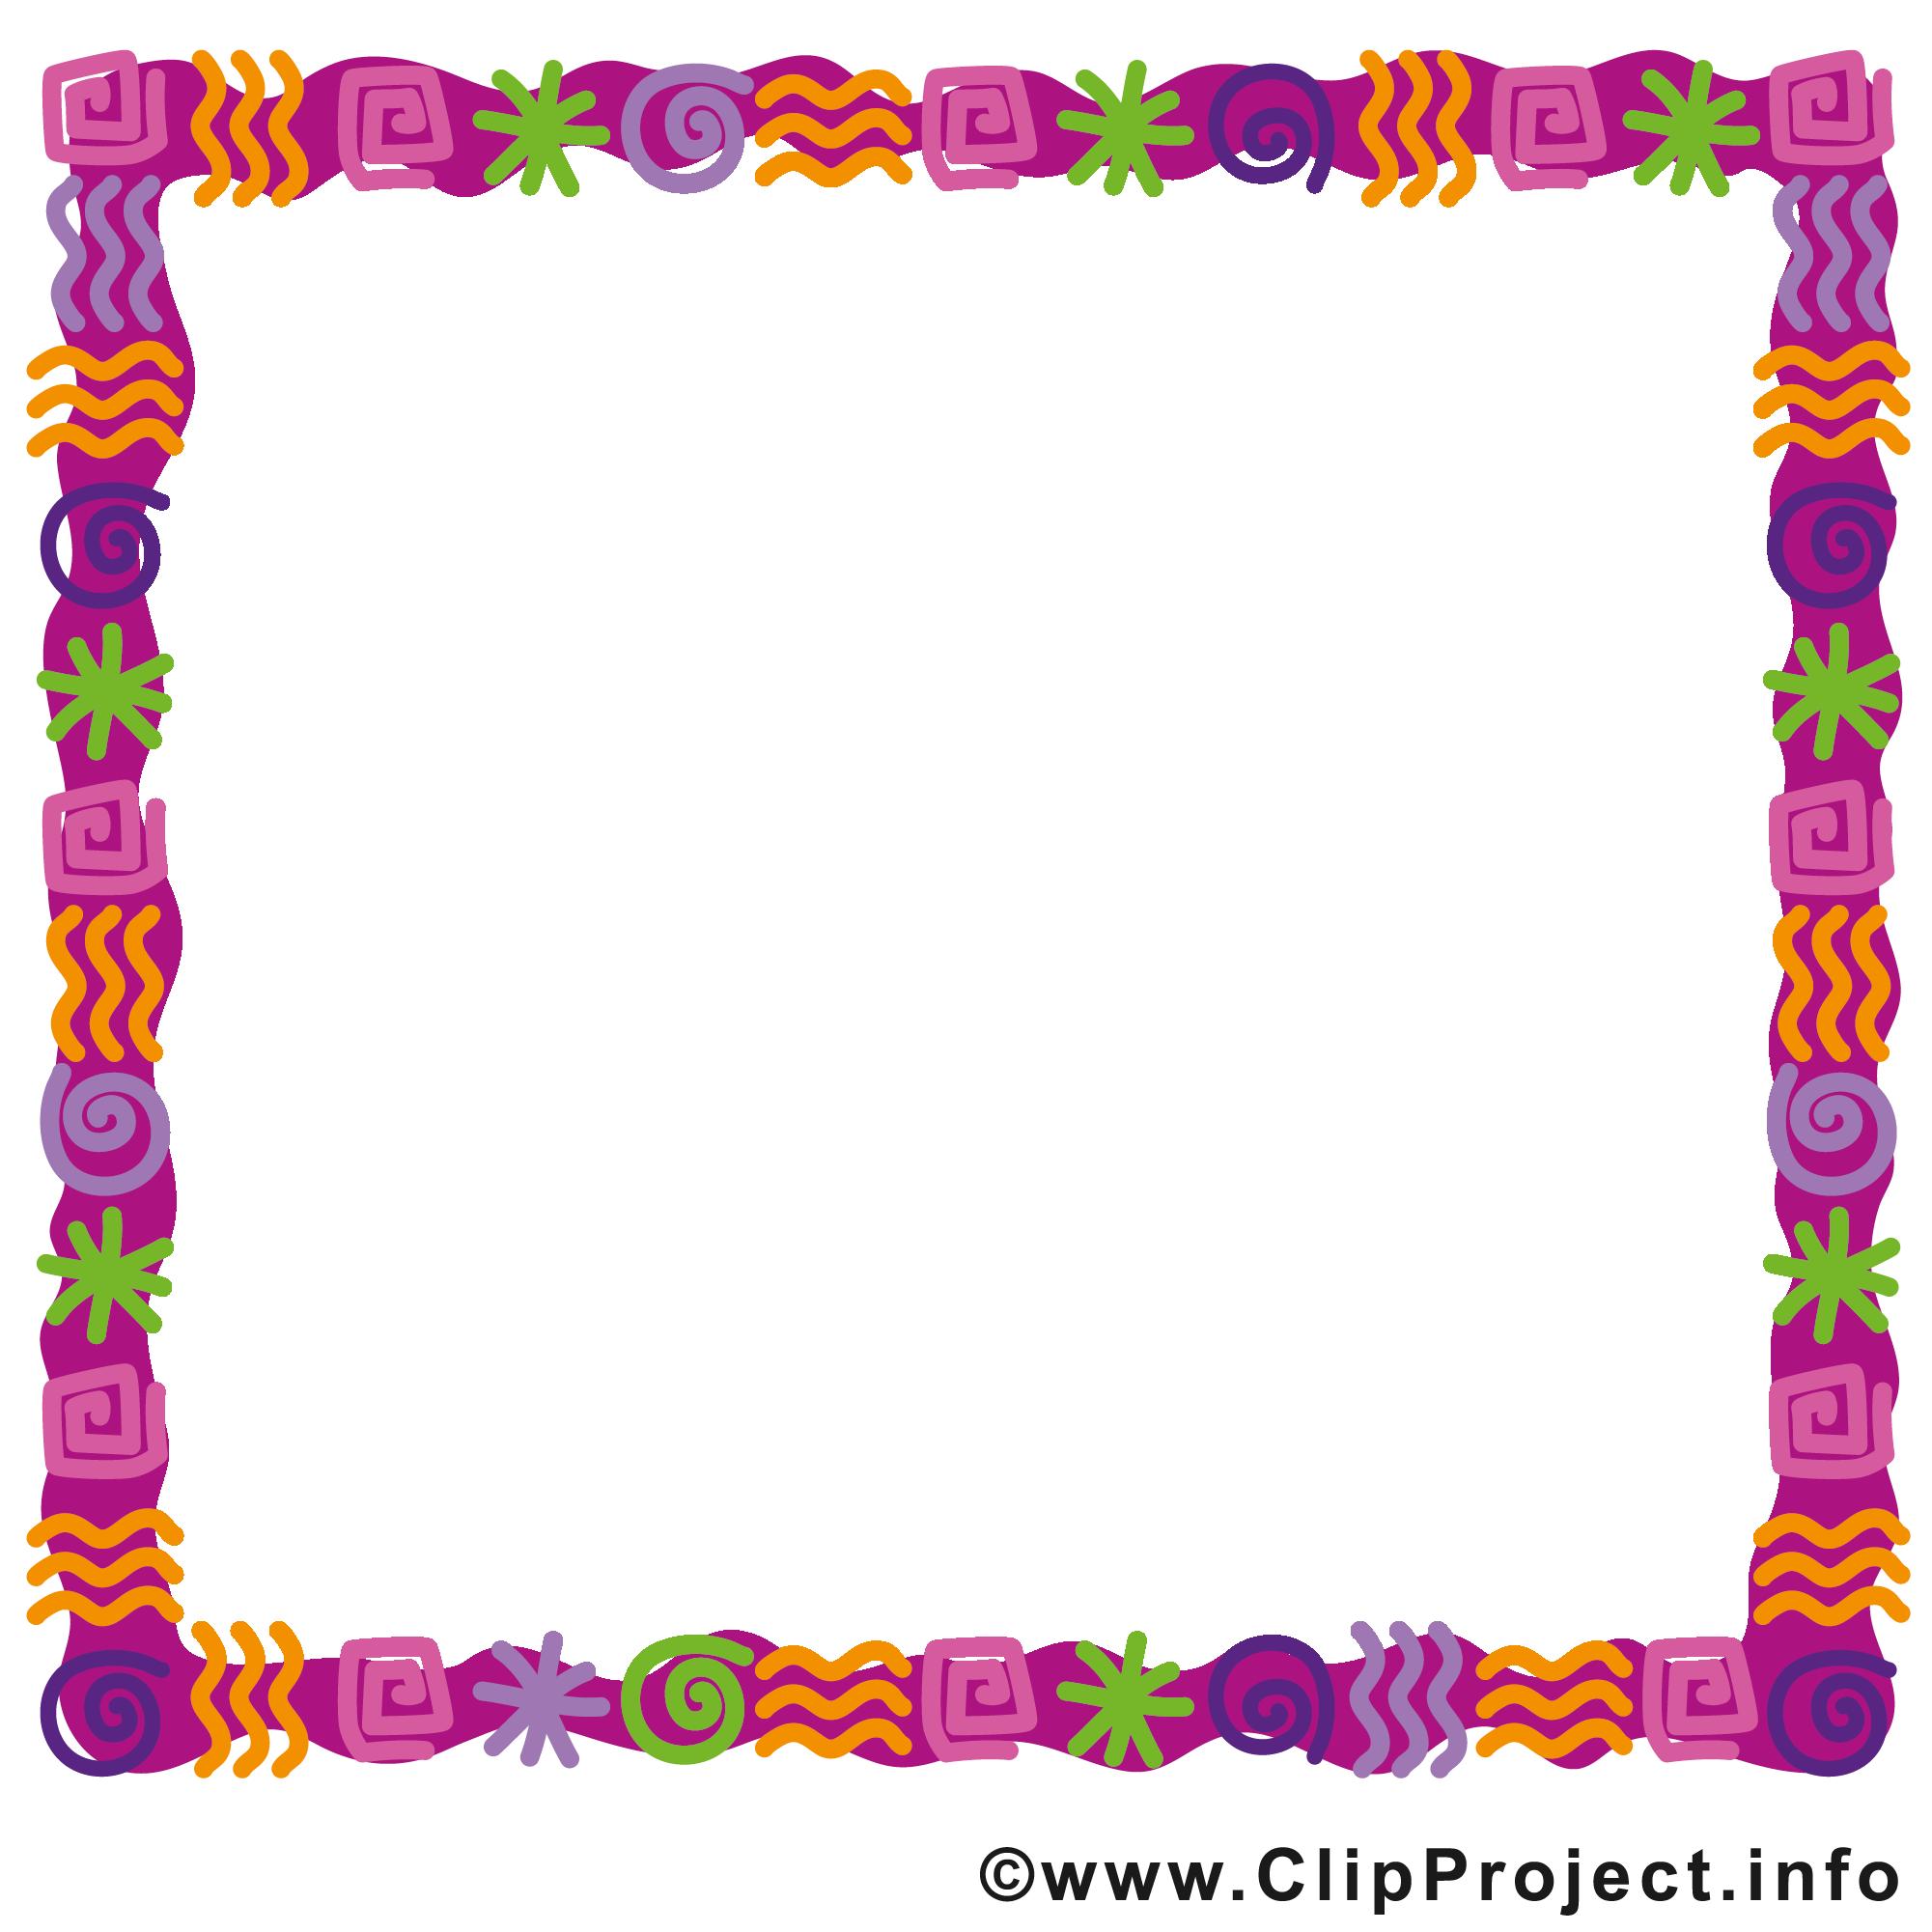 Clipart kostenlos rahmen svg Rahmen Clipart - ClipArt Best svg